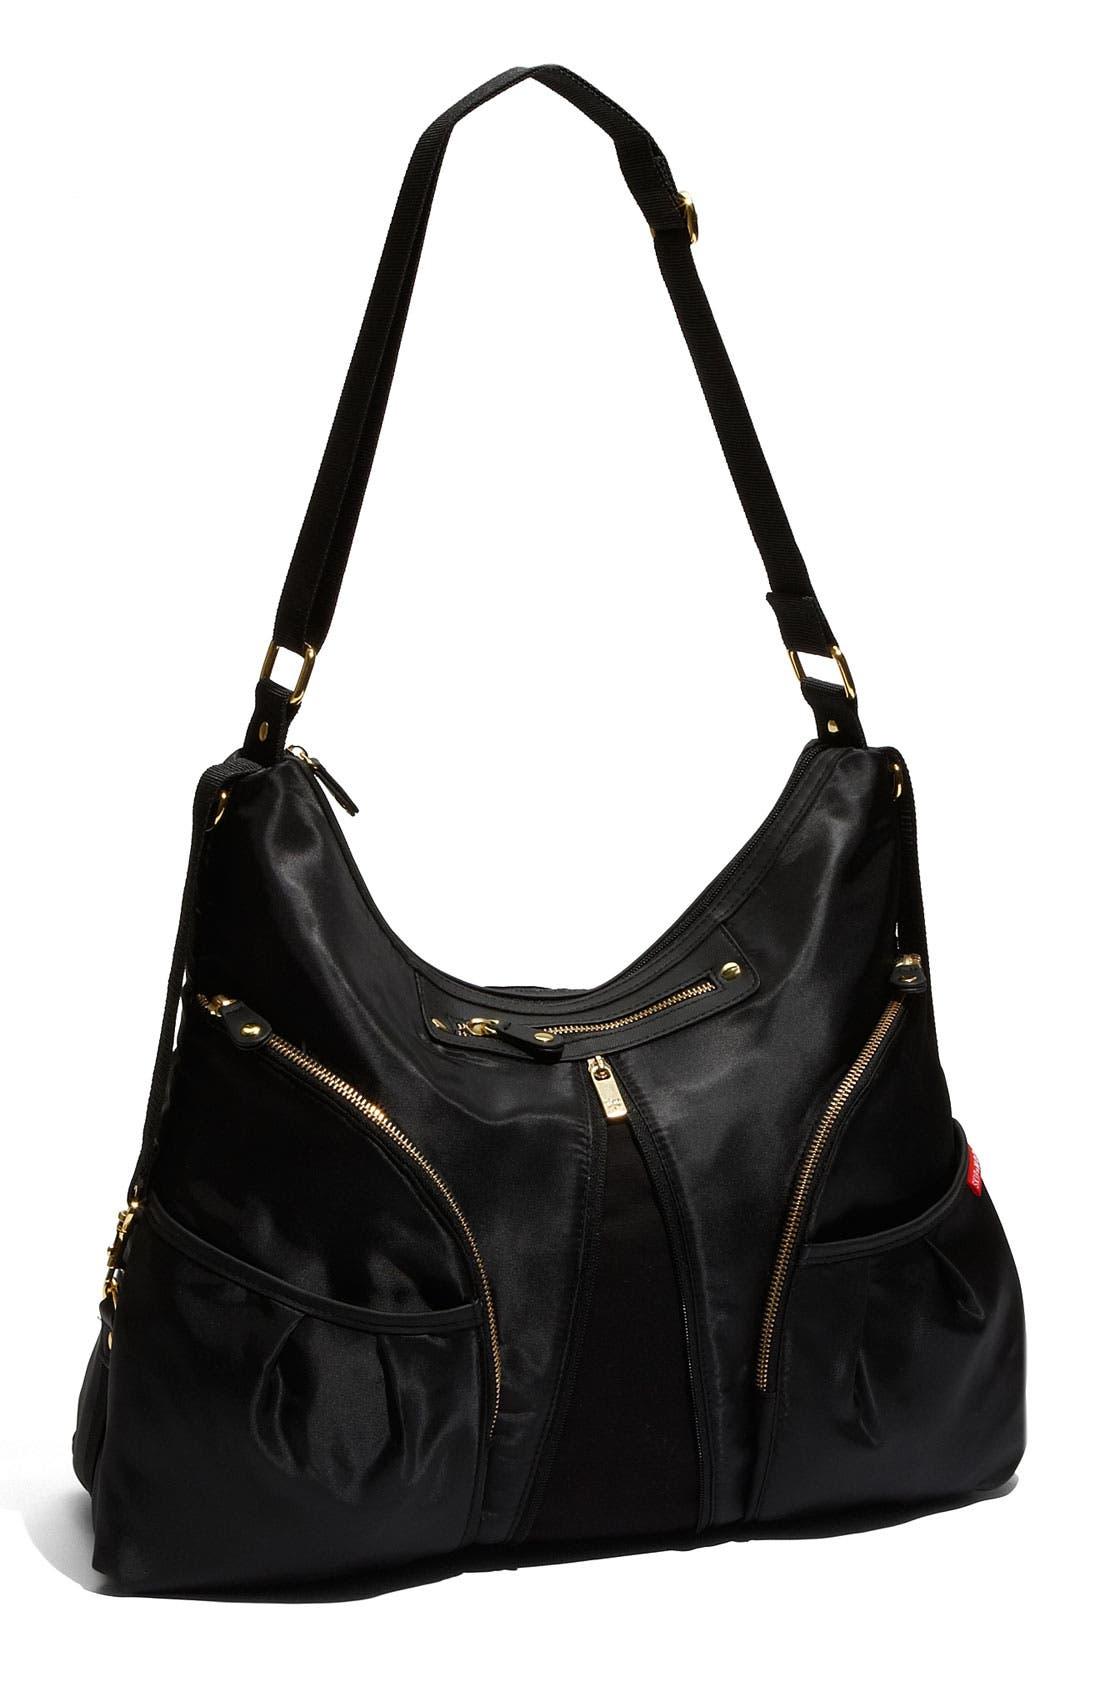 Alternate Image 1 Selected - Skip Hop 'Versa' Diaper Bag